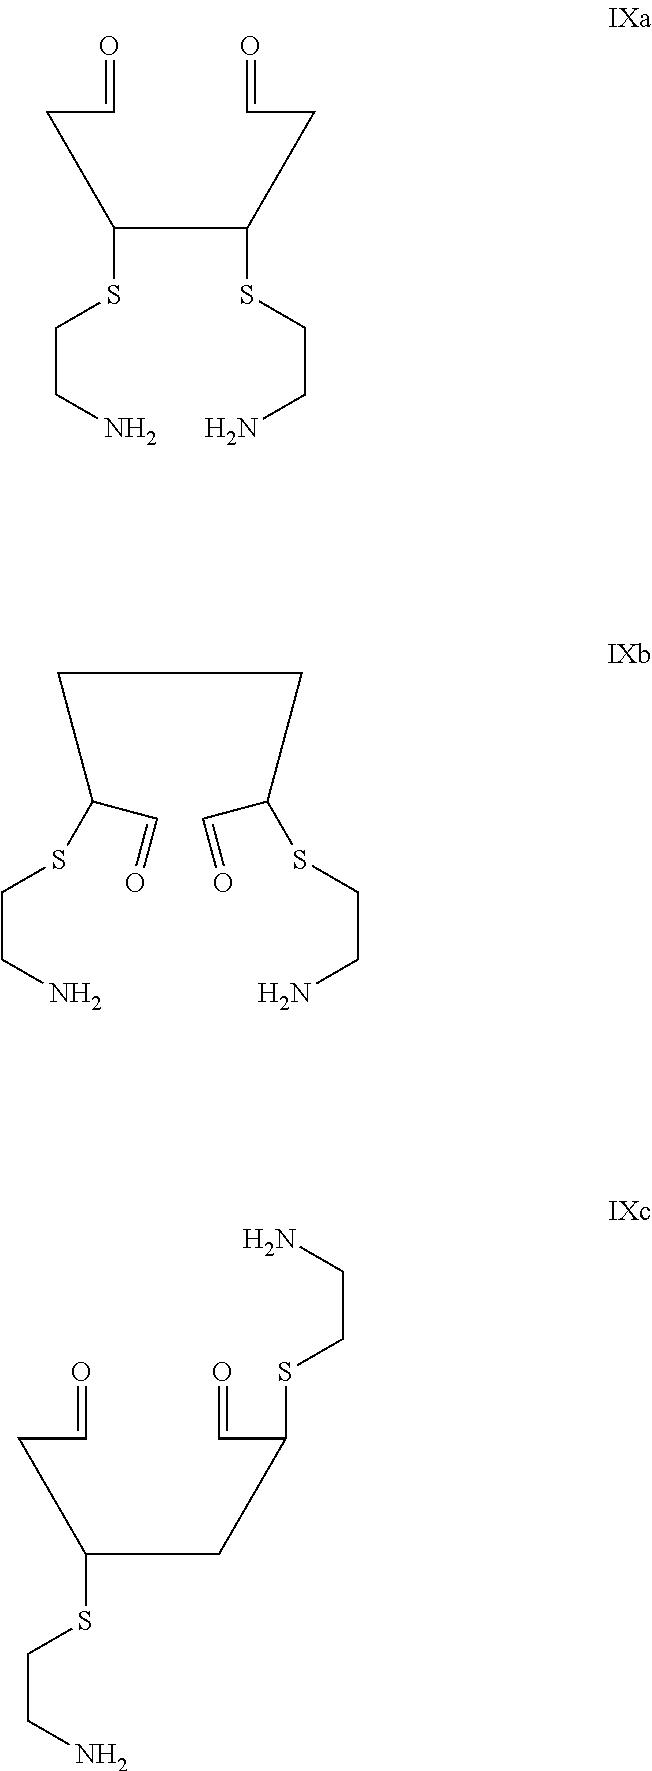 Figure US08475781-20130702-C00030